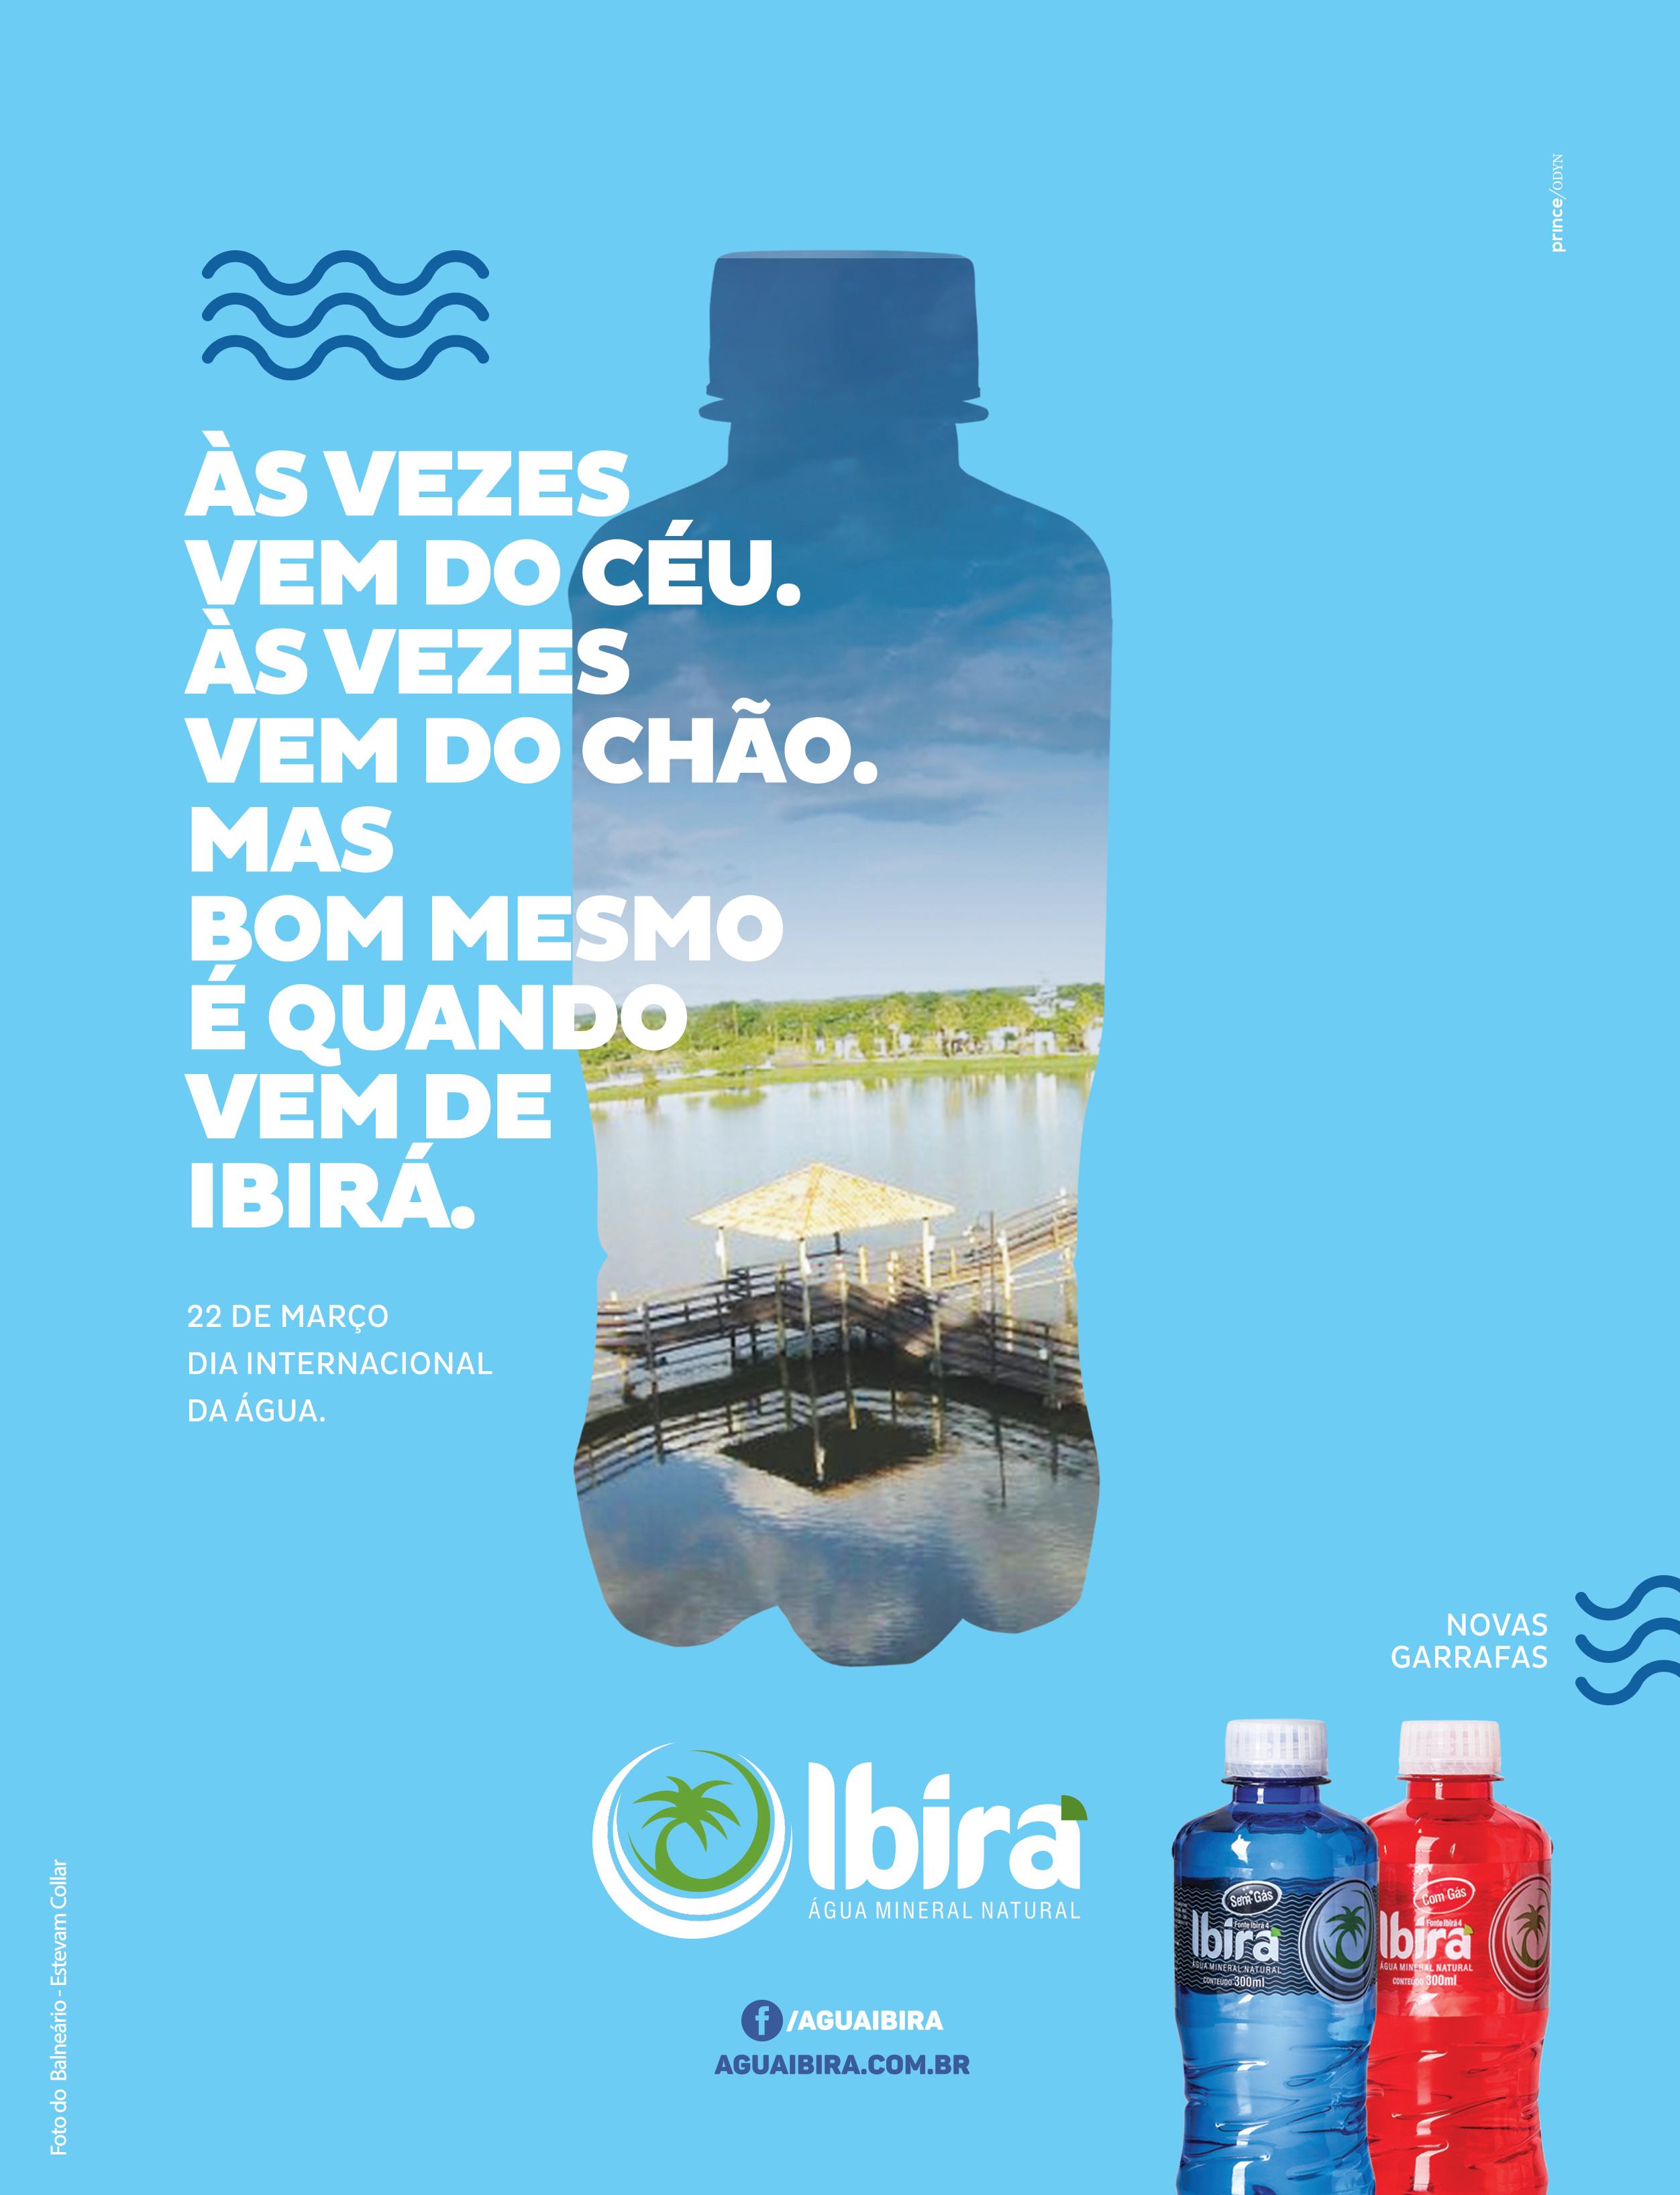 Água_Ibirá_-_Anuncio_212x277_-_Vem_de_ibrá